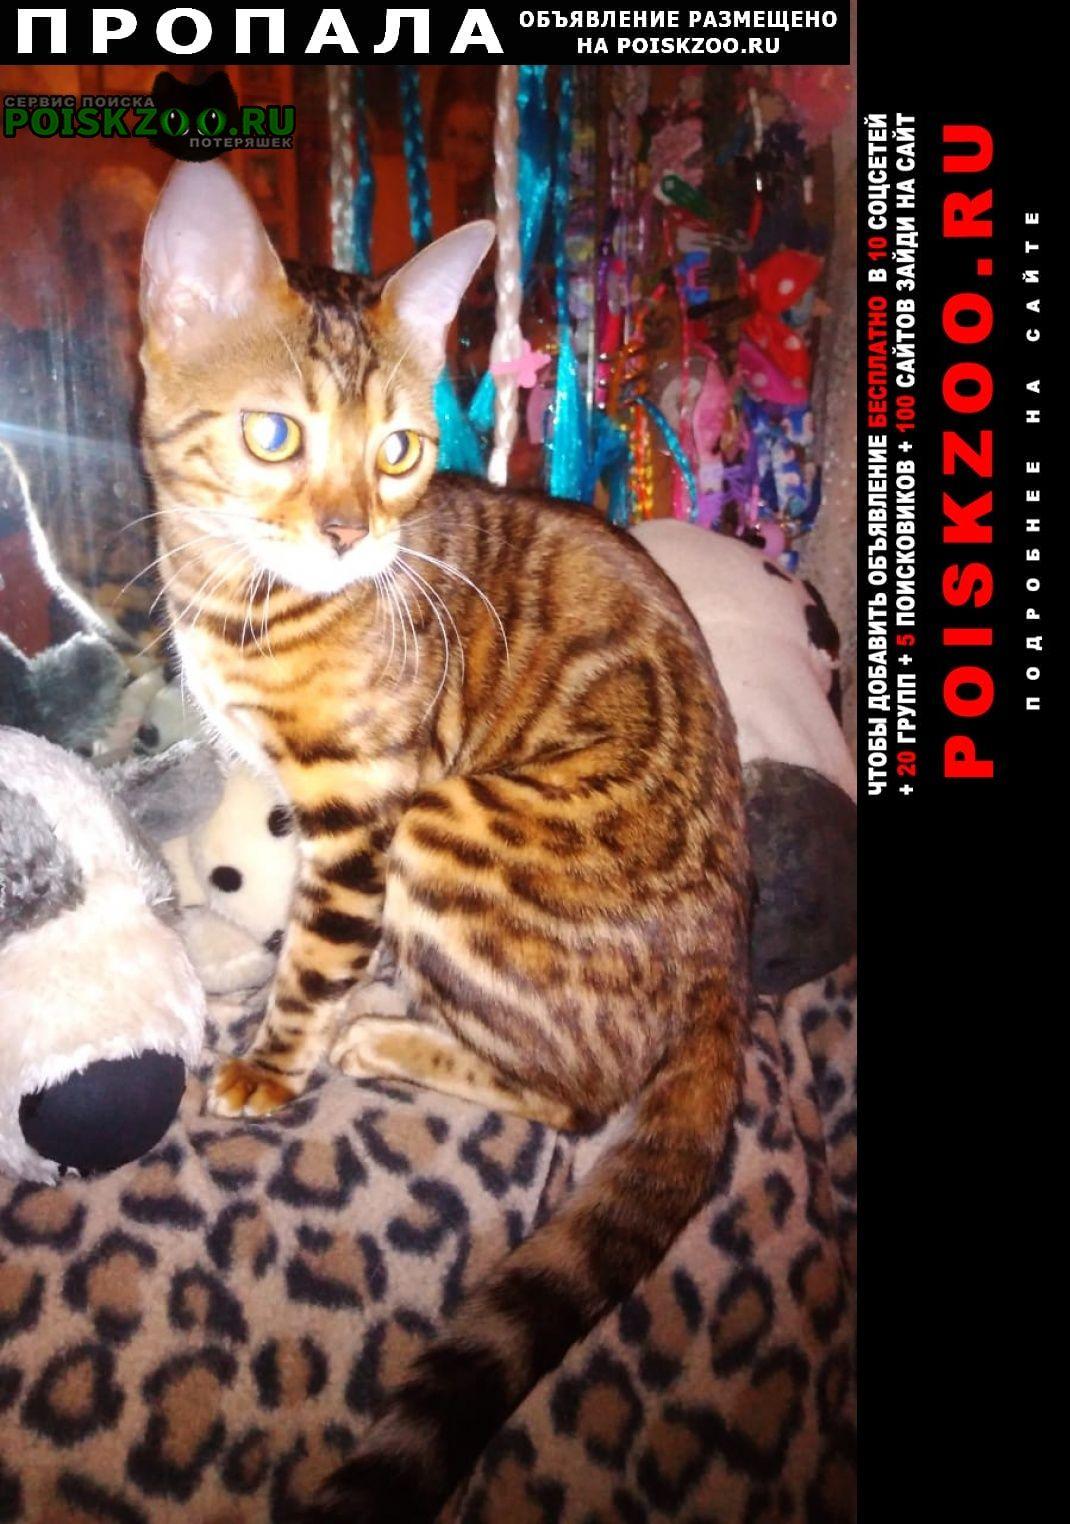 Пропала кошка Королёв (Юбилейный) (Московская обл.)